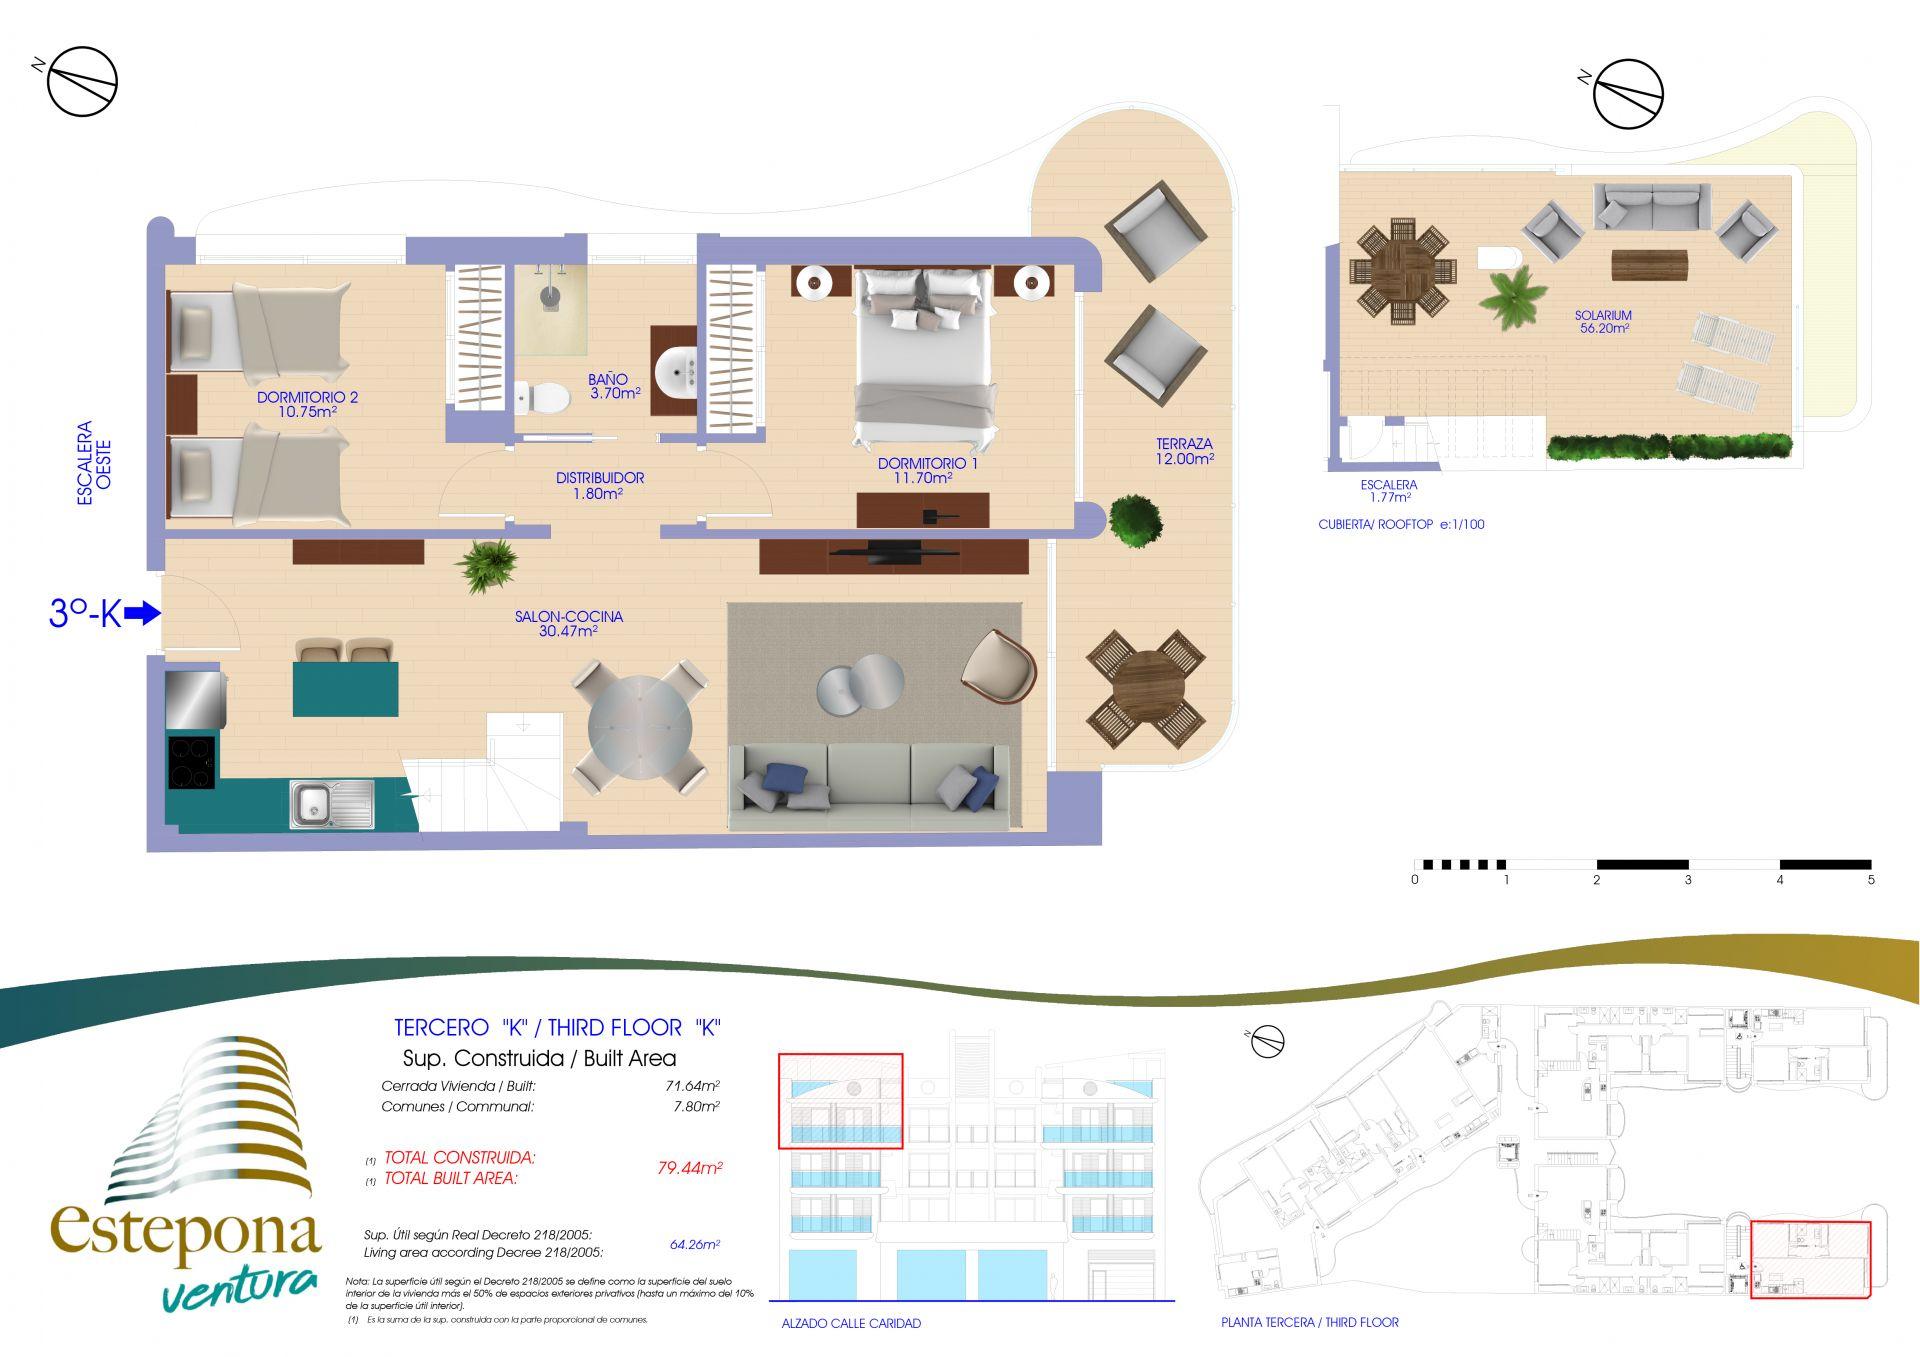 20201221 3º K  - Ventura Estepona | Compra de casa en Estepona